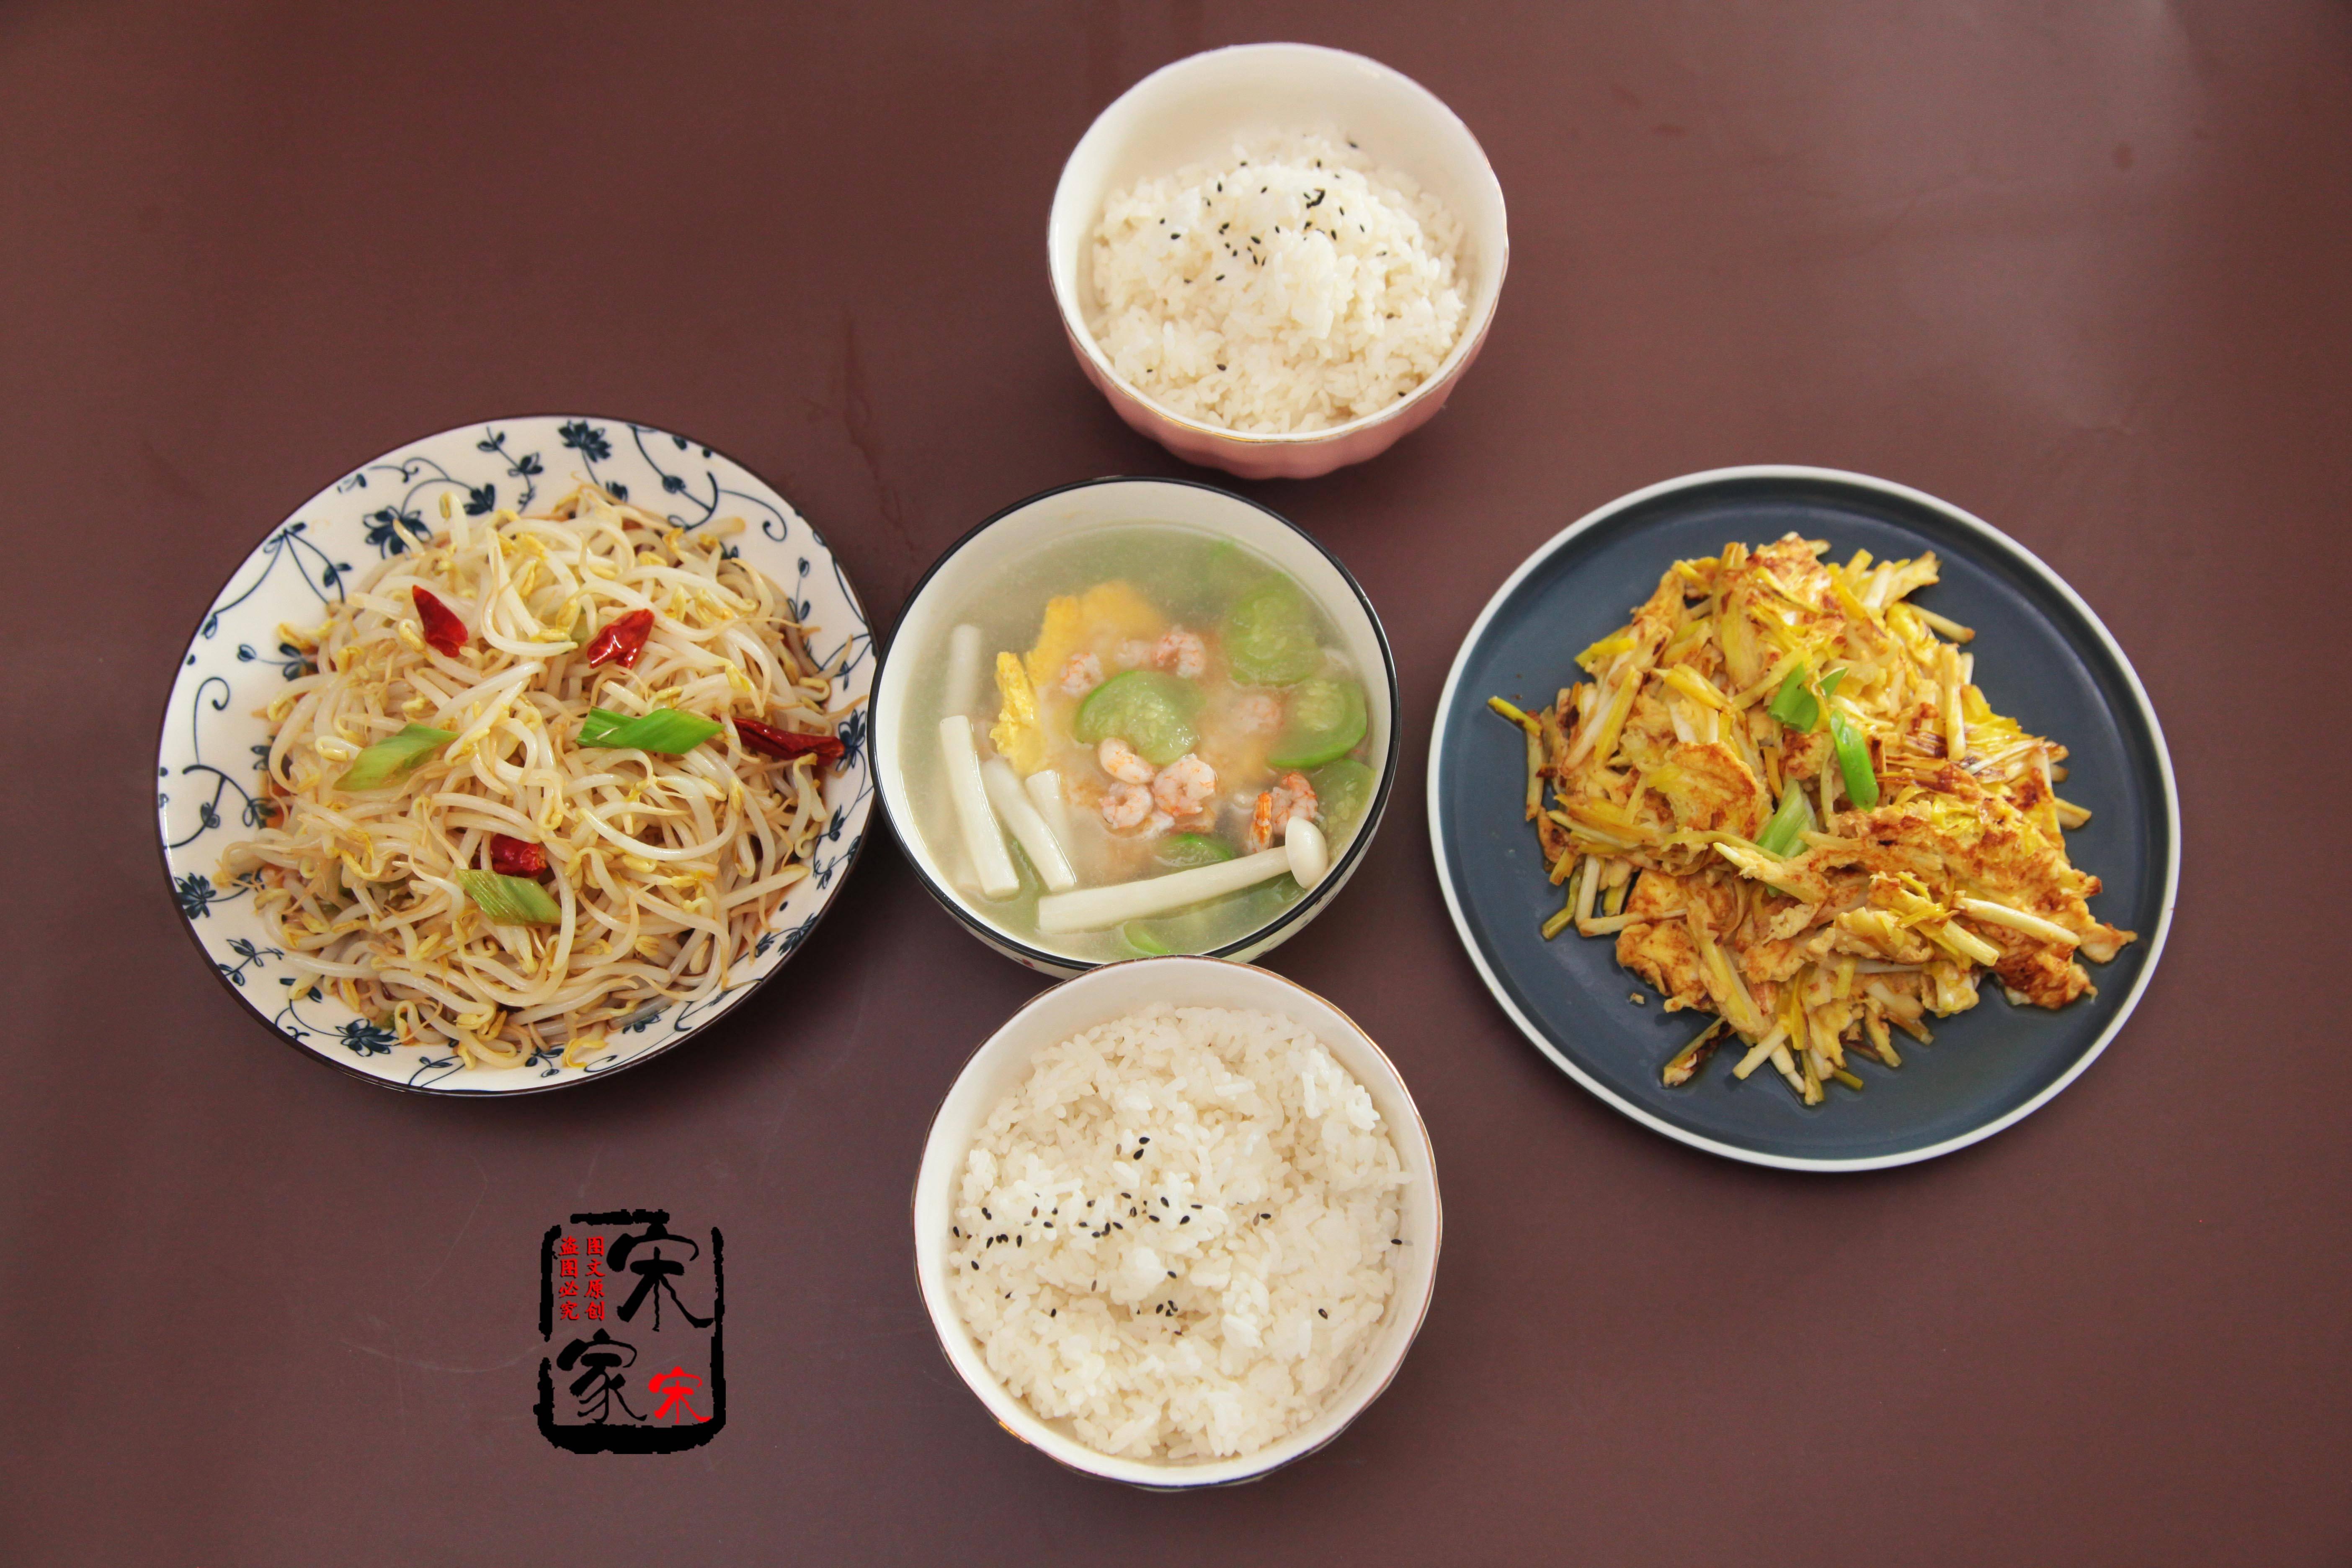 两口子的轻食晚餐,2菜1汤,简单营养,网友:一看就是北方人!